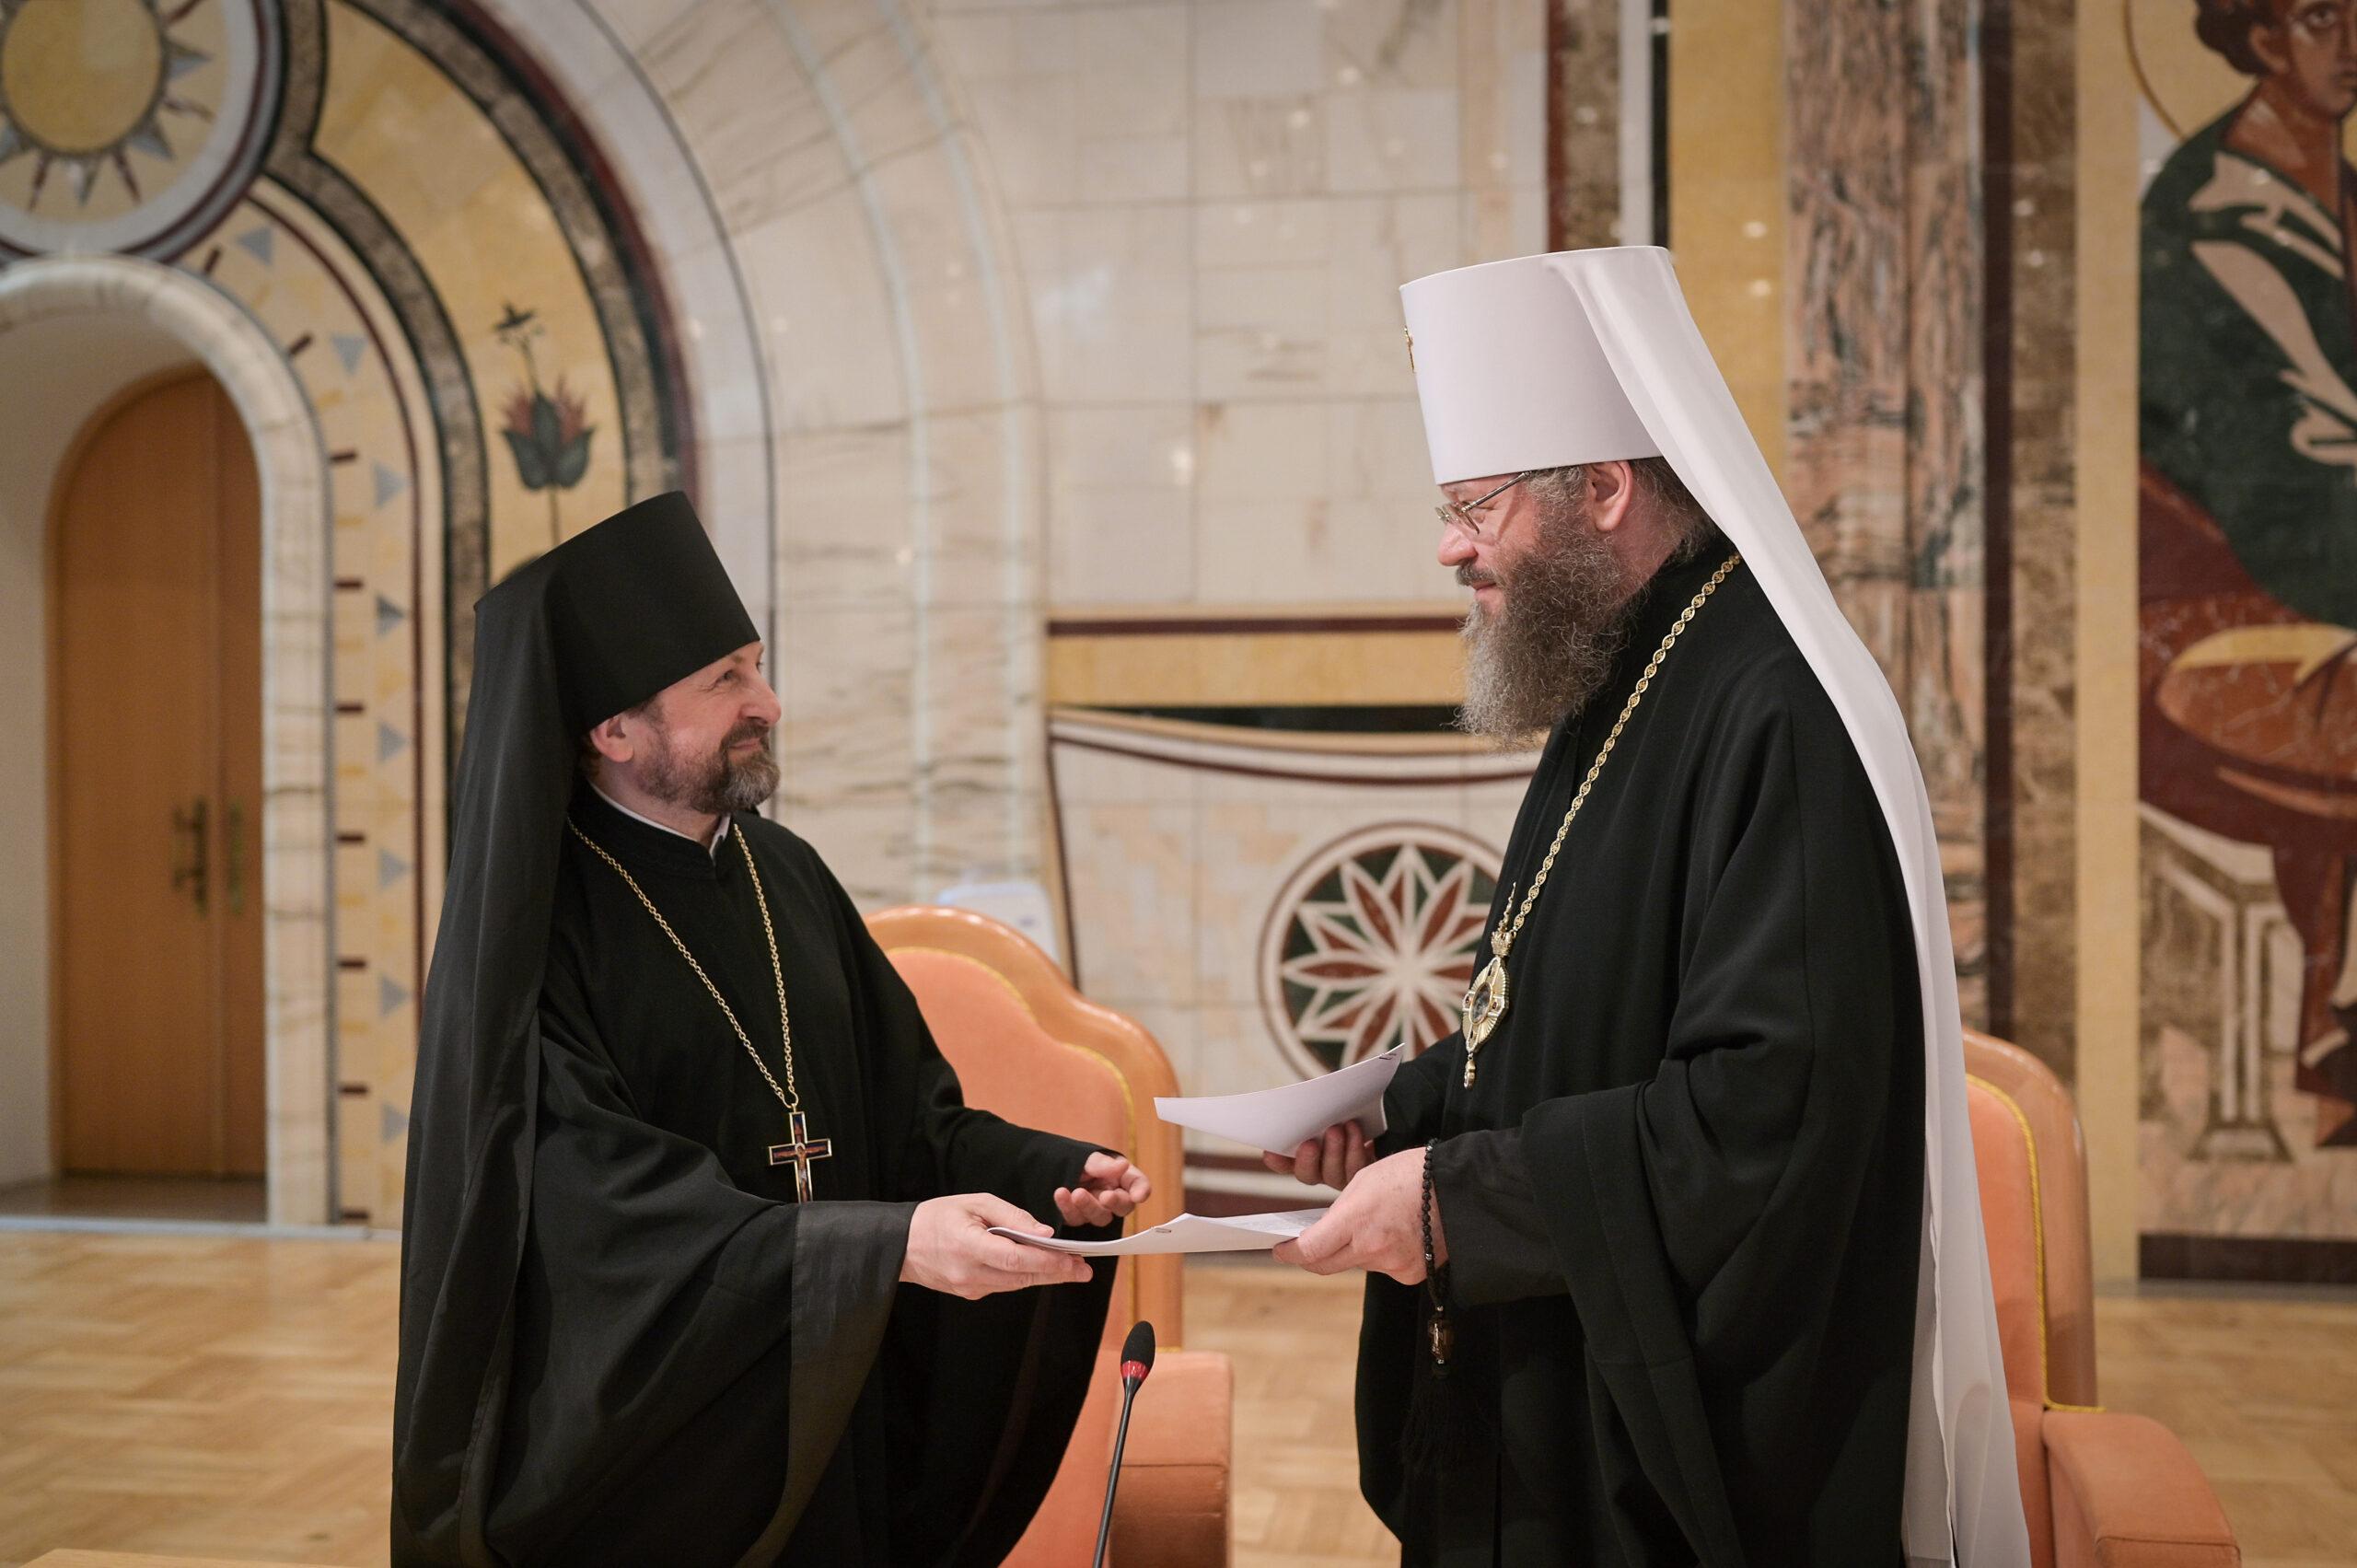 Состоялось подписание договора о международном сотрудничестве между Тамбовской духовной семинарией и Минской духовной академией